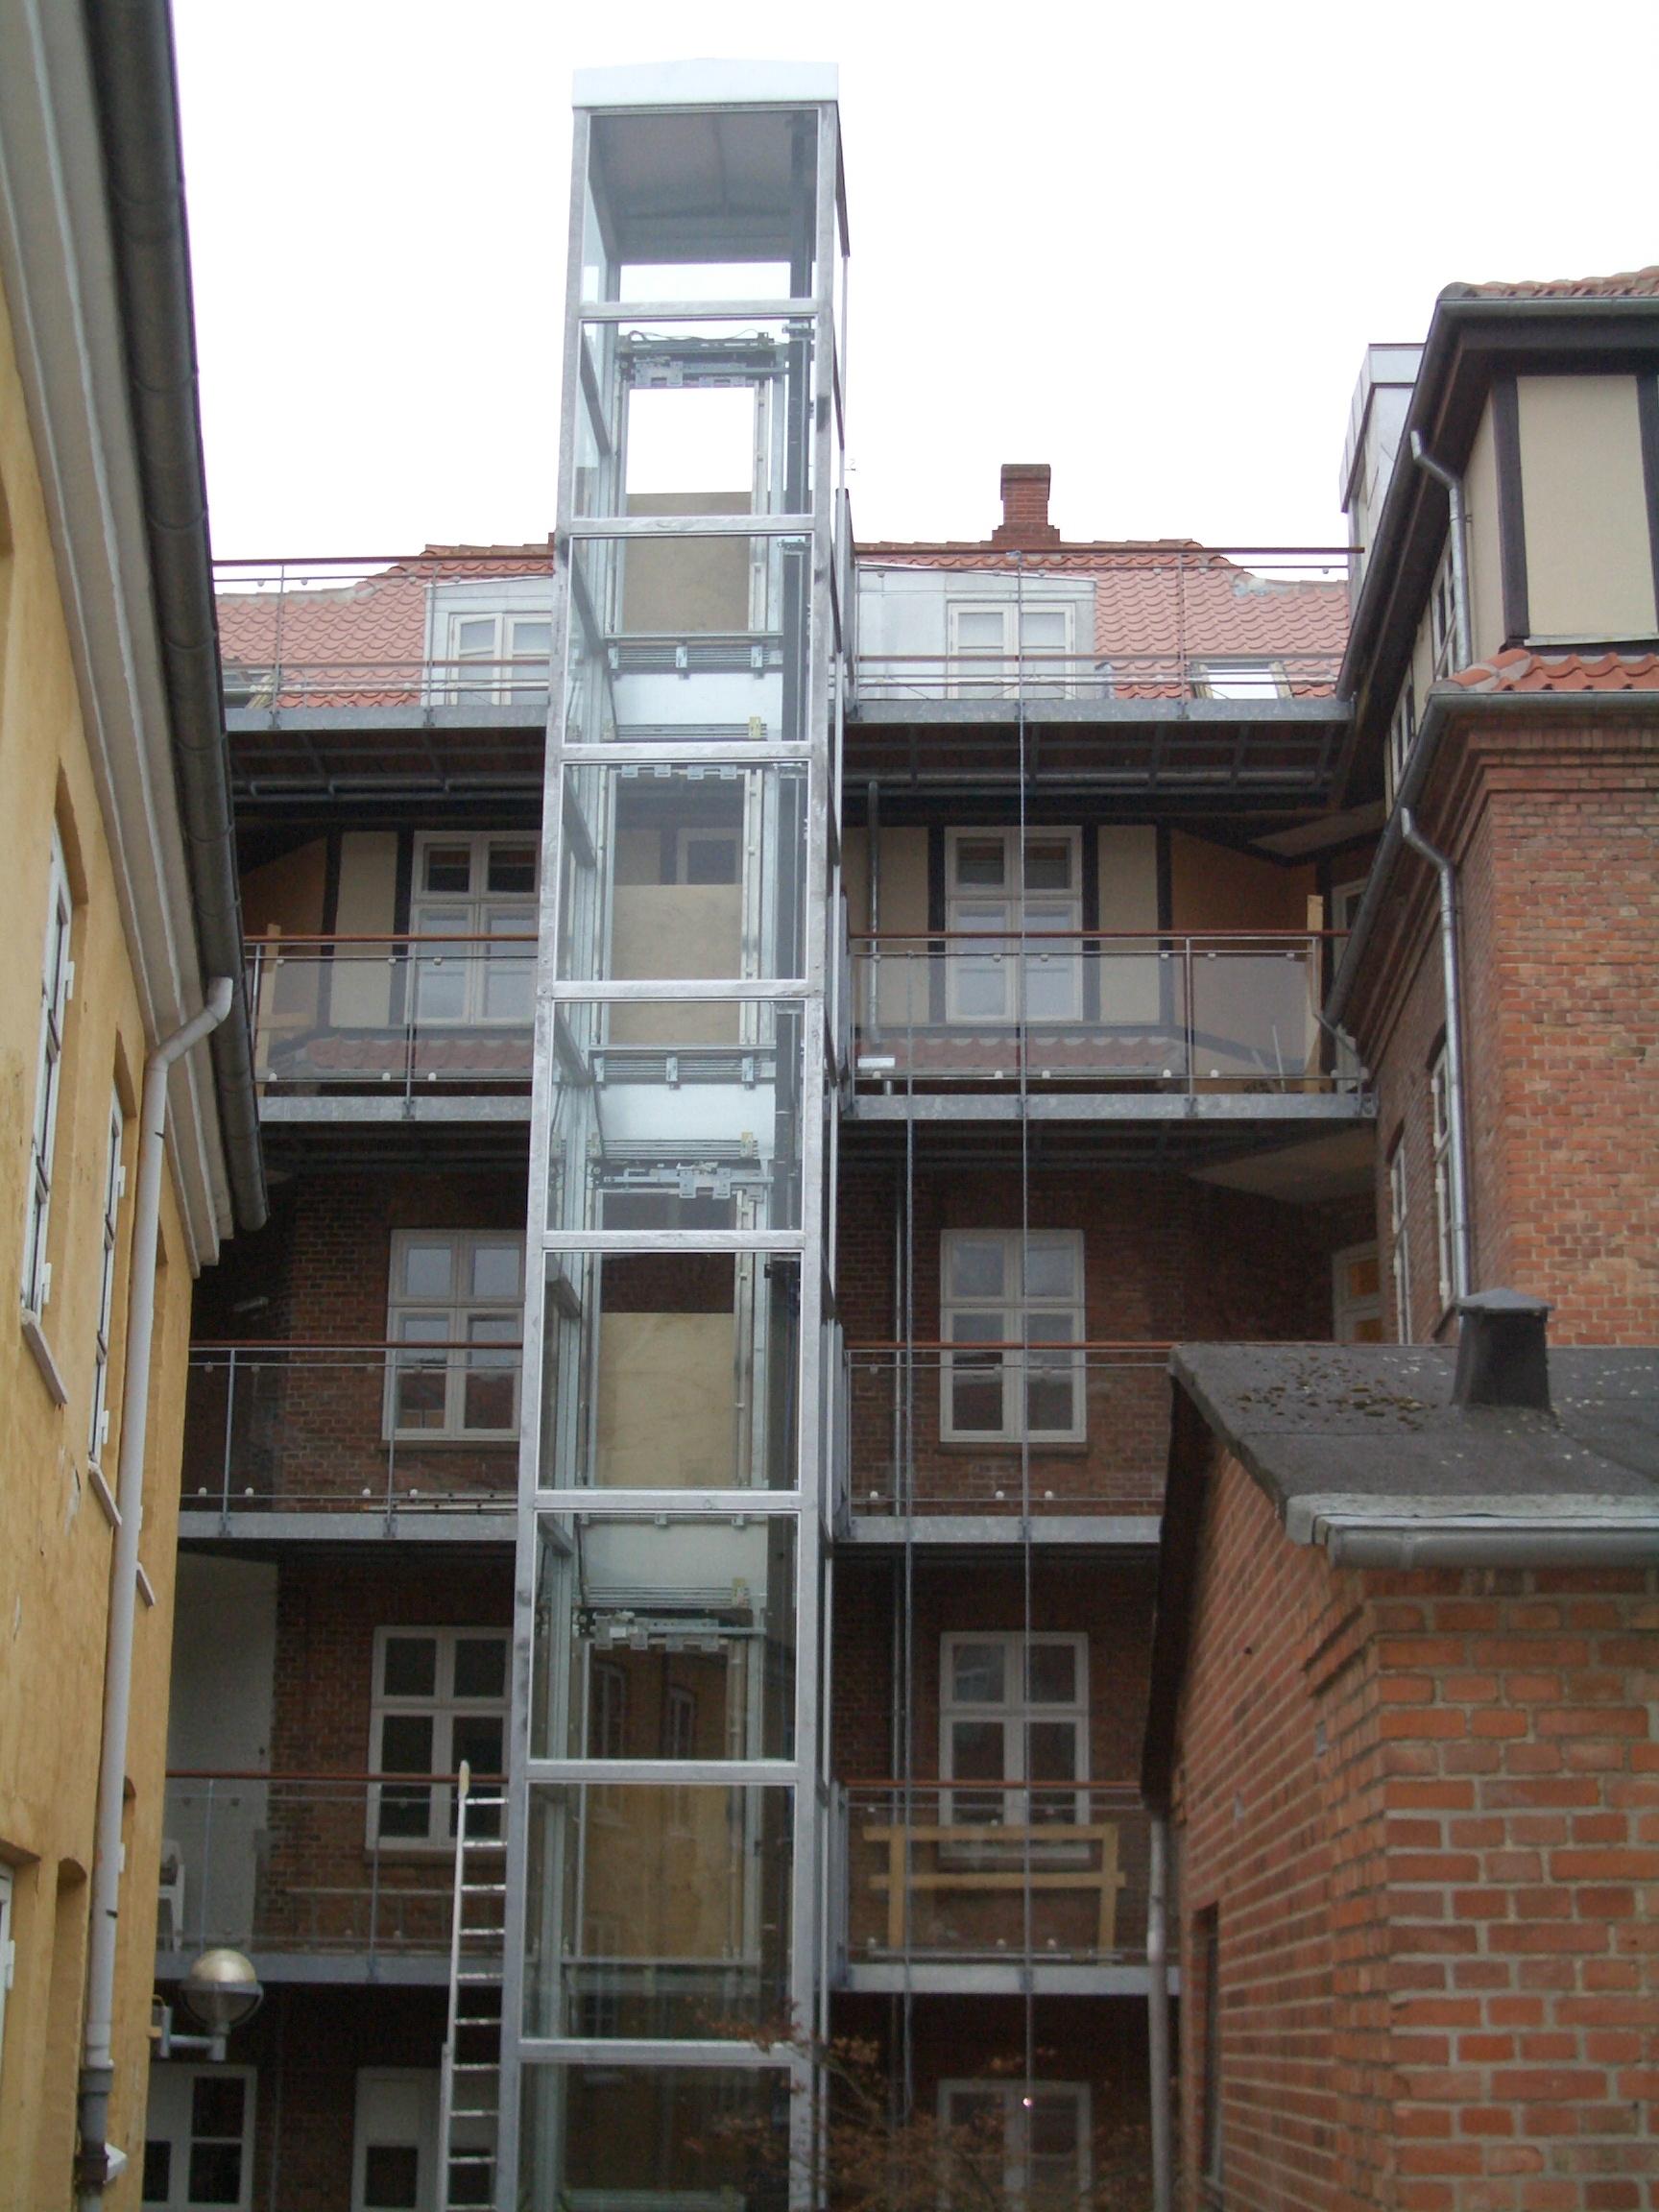 Elevatortårn i 5 etager udført i stål og glas.